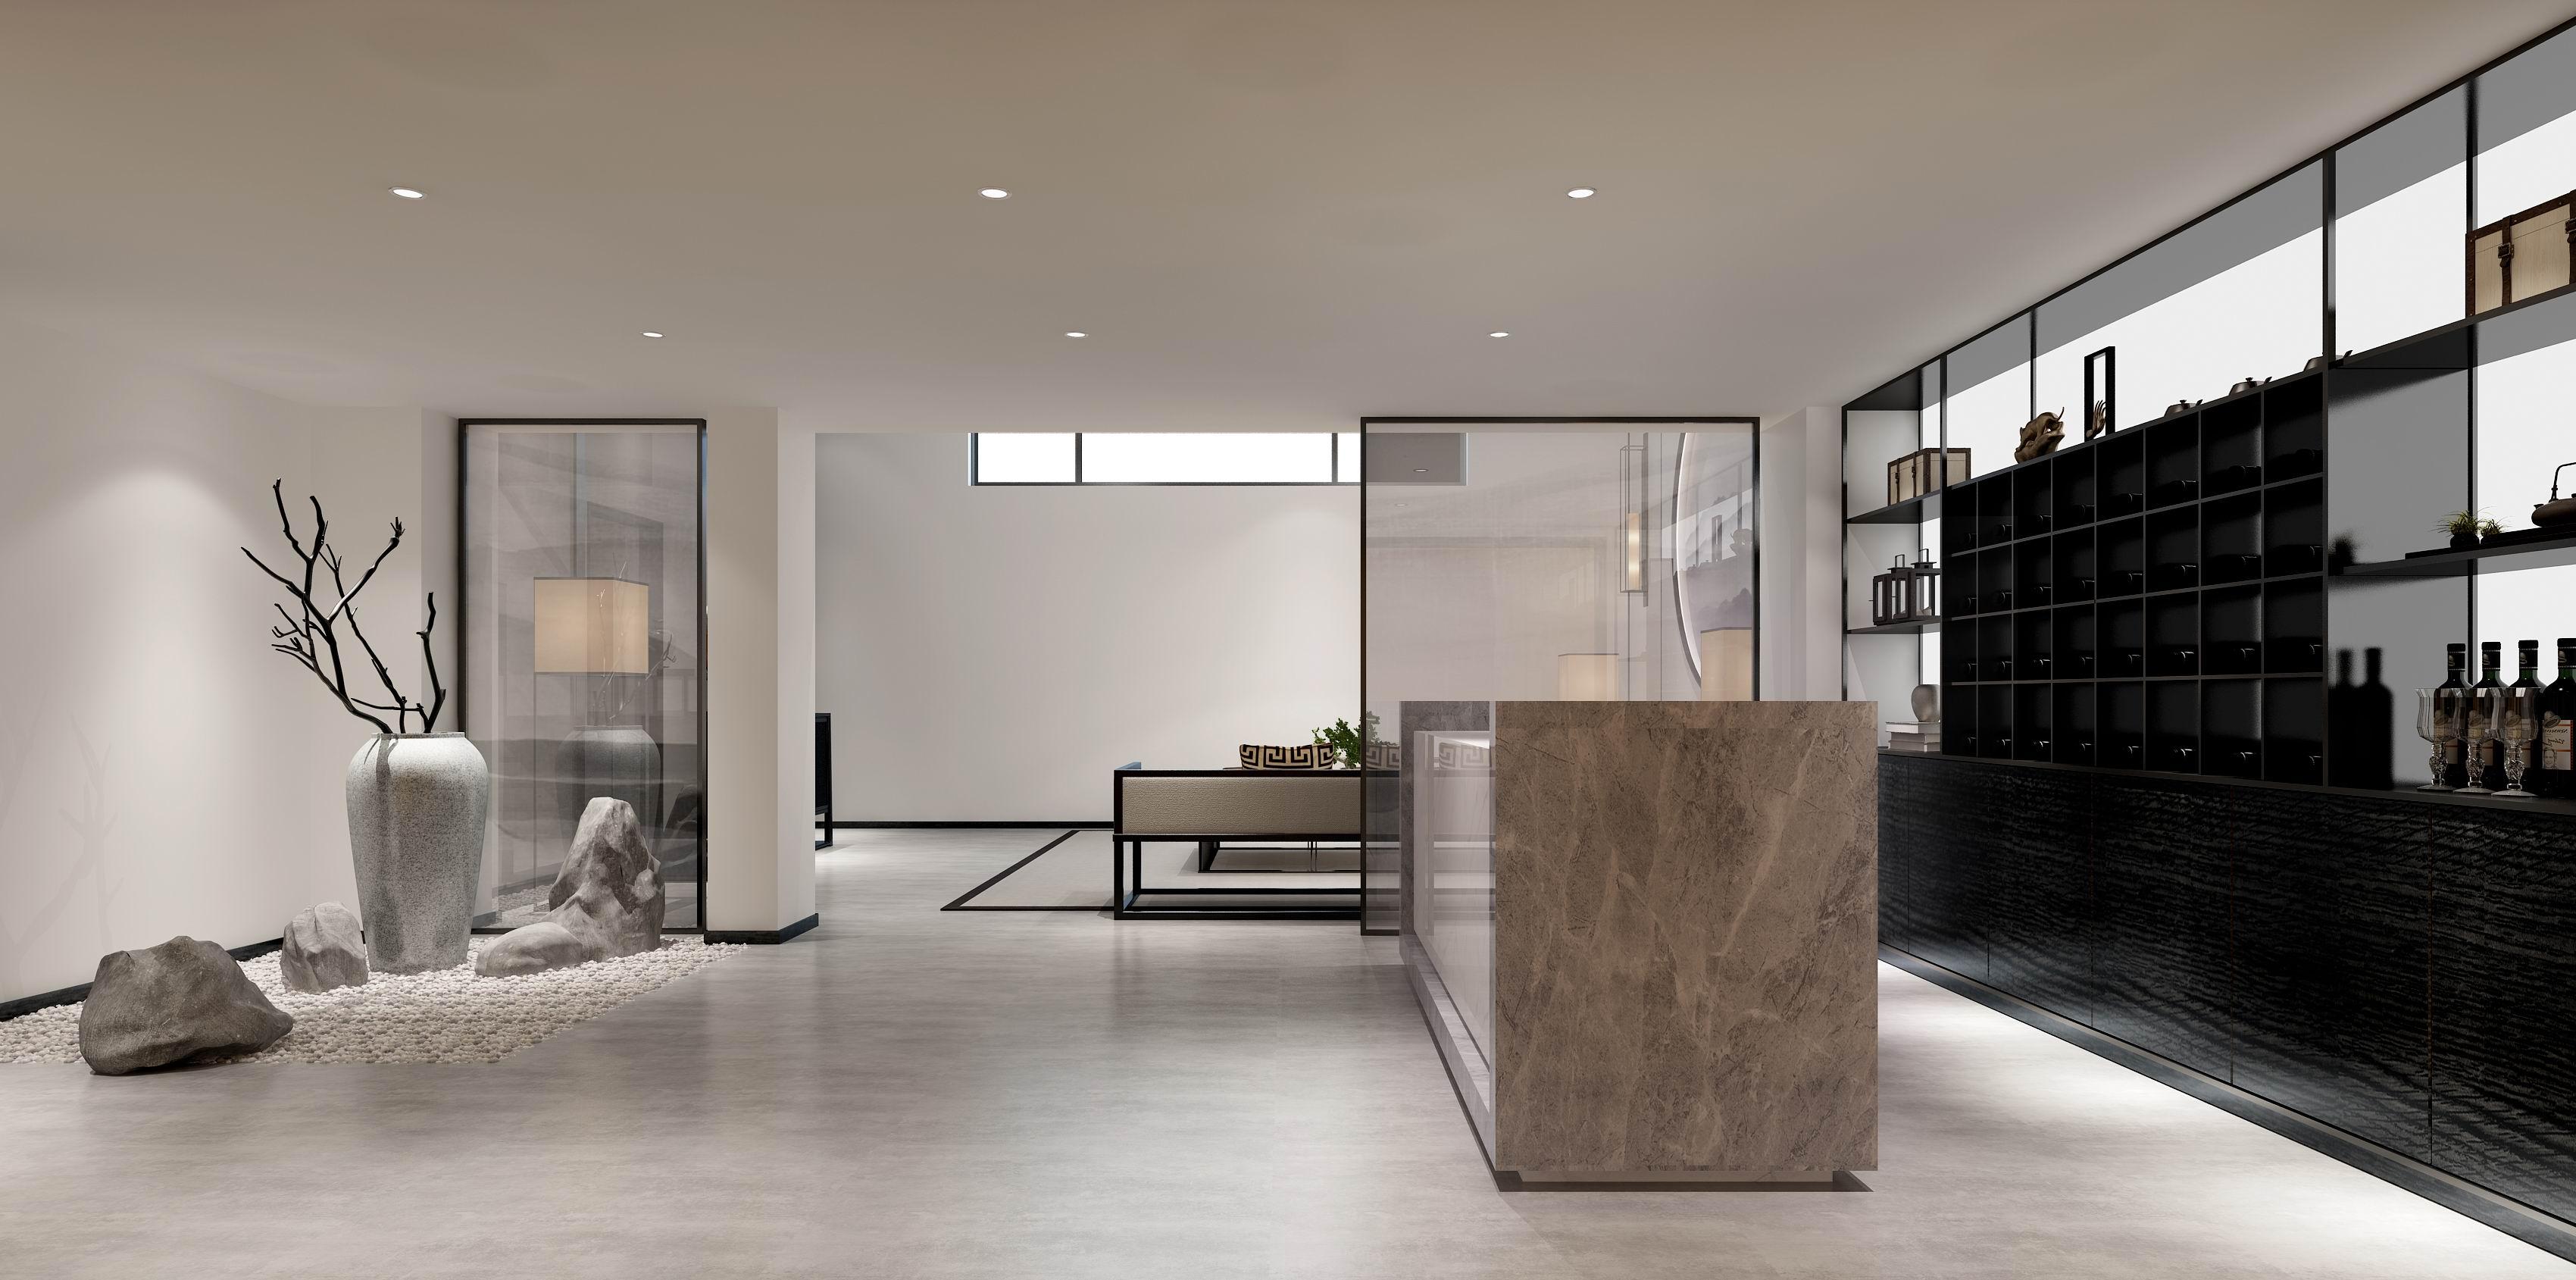 别墅 设计 装修 案例 新中式 酒窖图片来自无锡别墅设计s在水岸名府新中式450㎡装修案例的分享